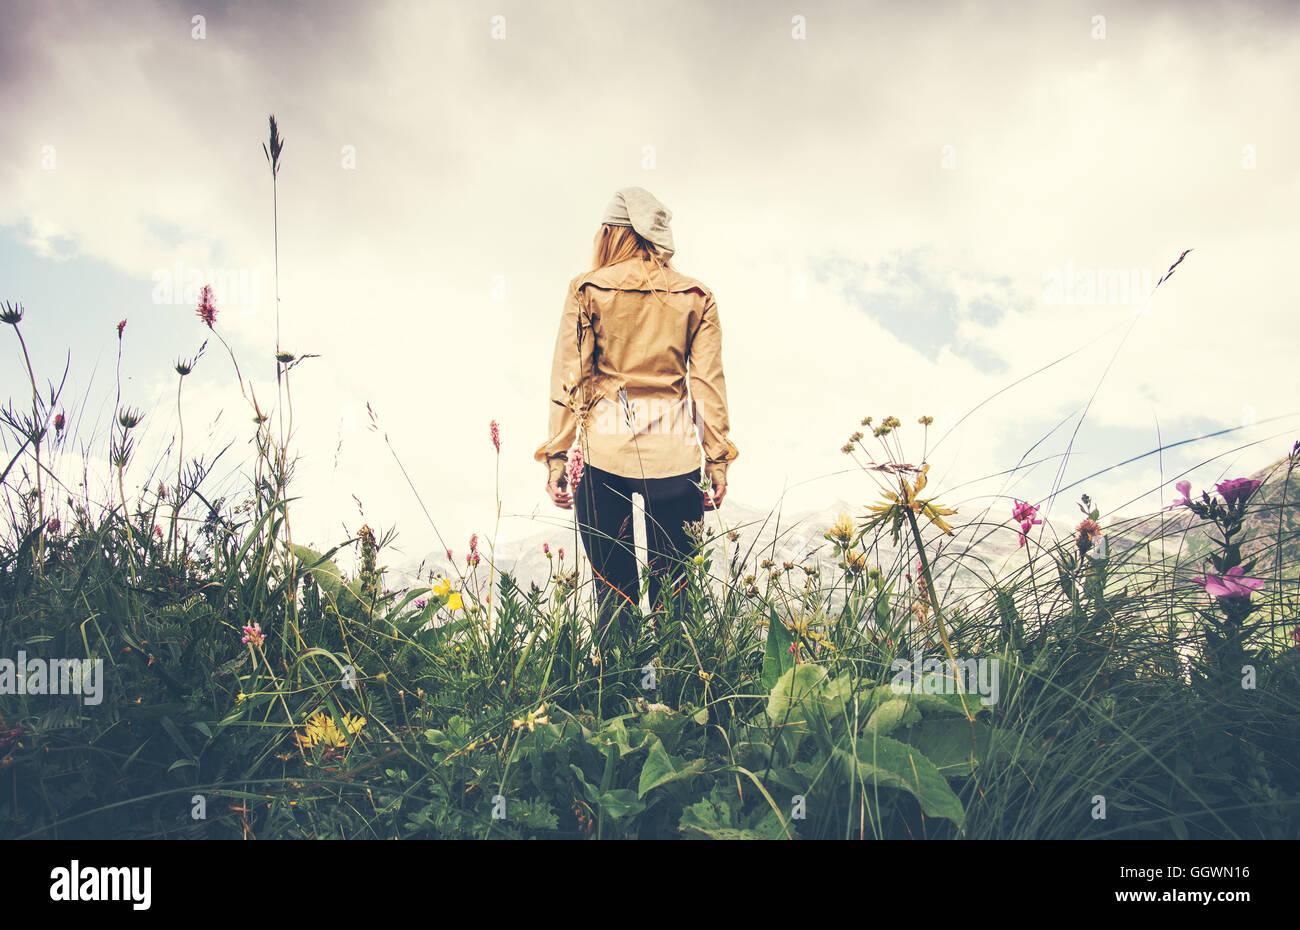 Junge Frau zu Fuß allein reisen Lifestyle-Konzept Sommer Urlaub im freien Rocky Mountains auf Hintergrundansicht Stockbild